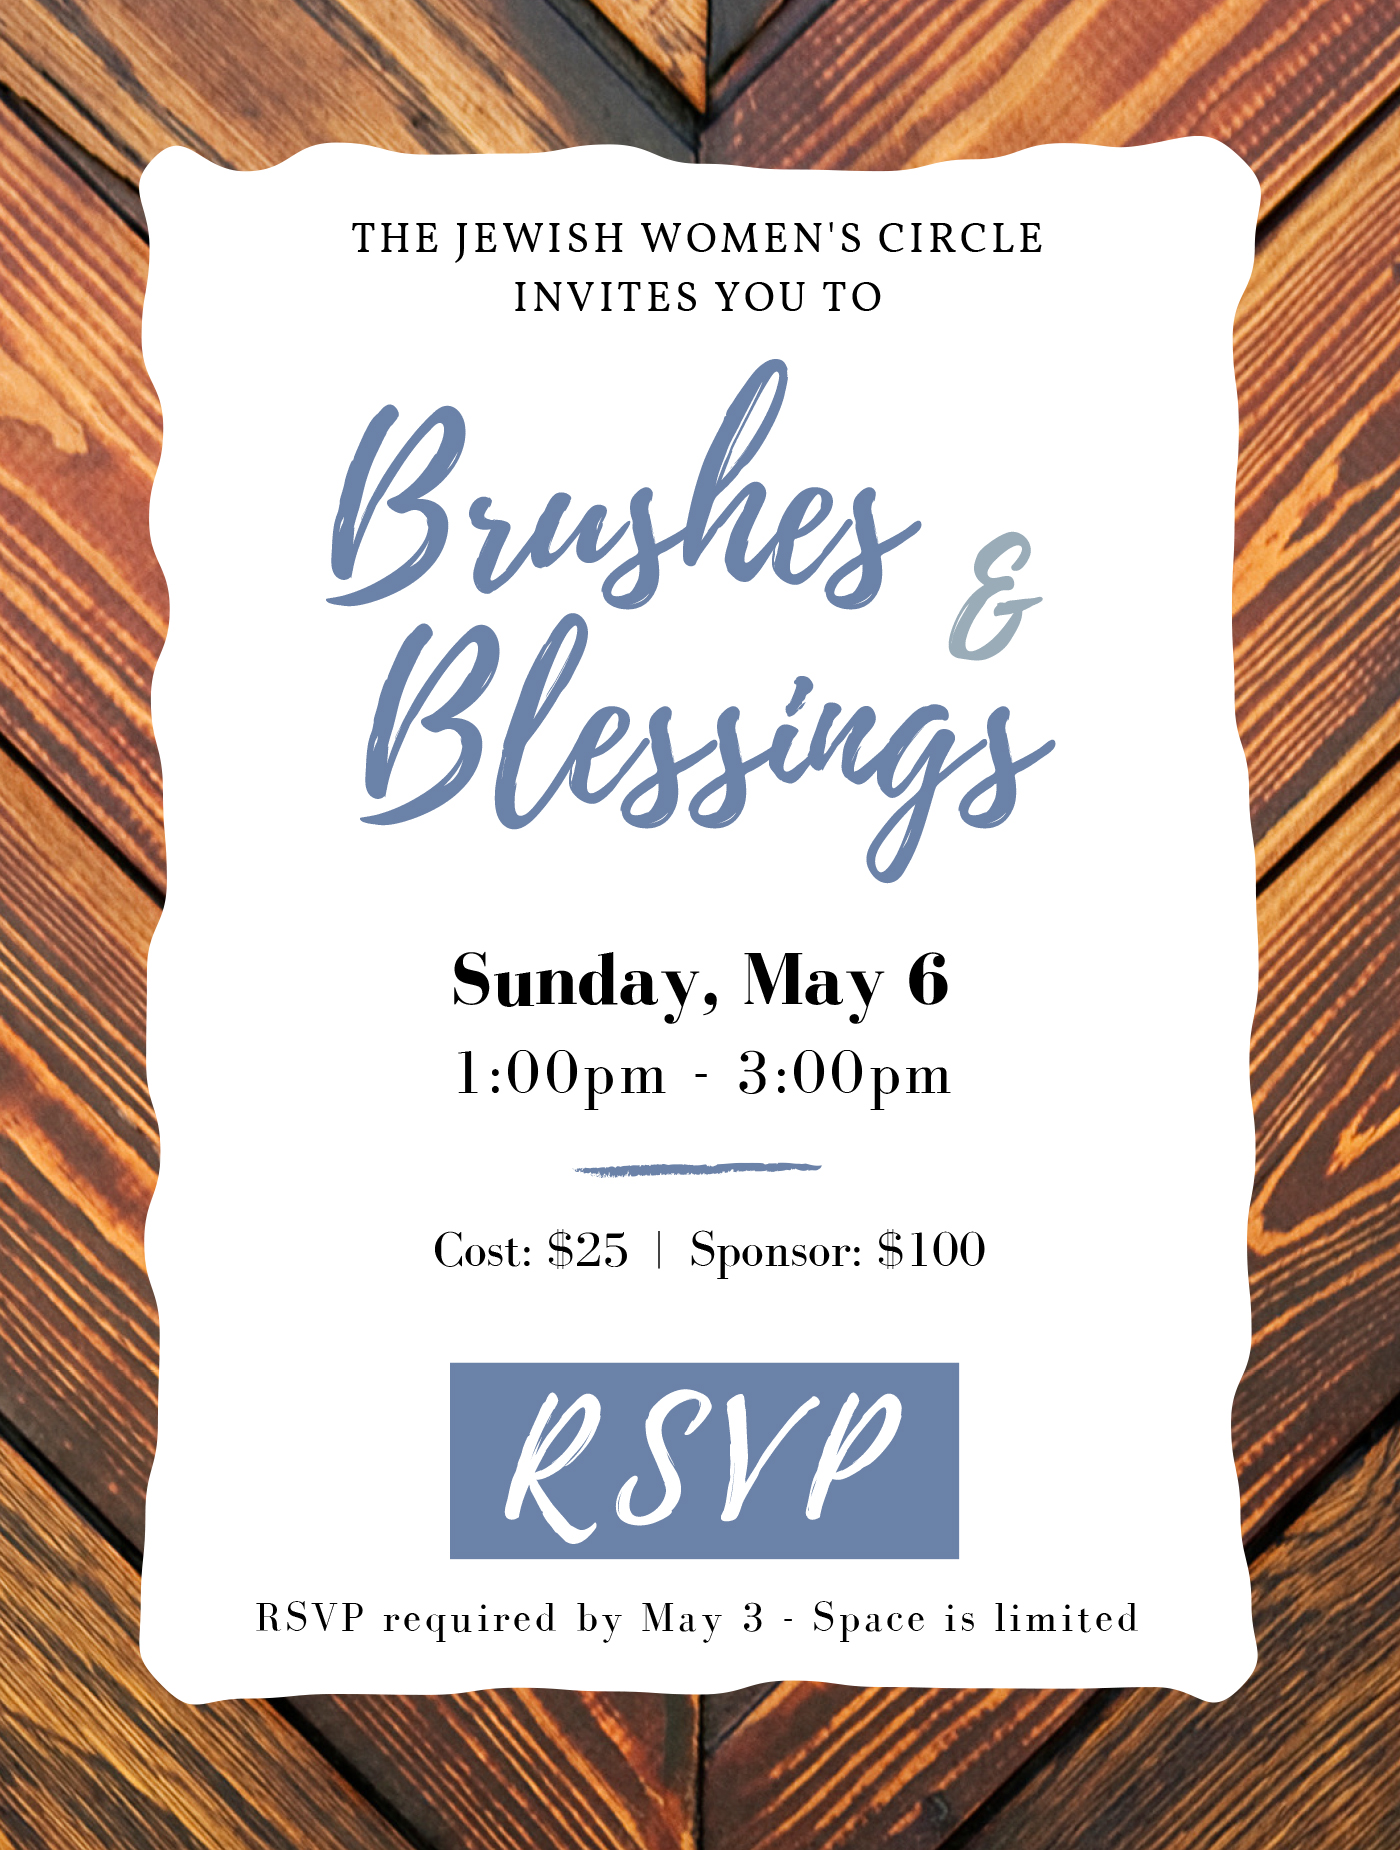 Brushes & Blessings - Web 1.jpg